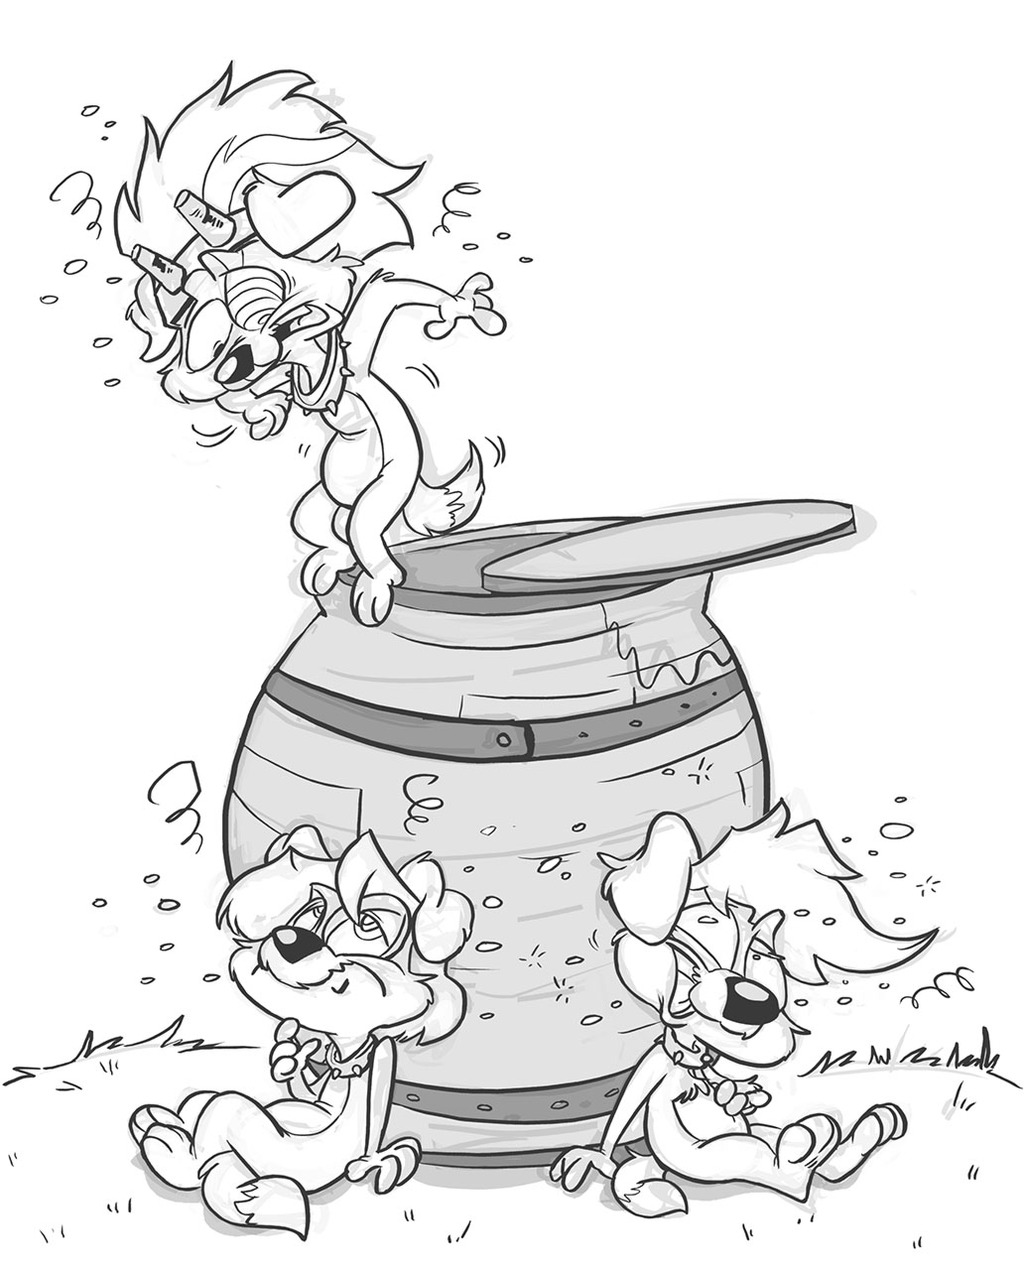 King of the Cider Barrel